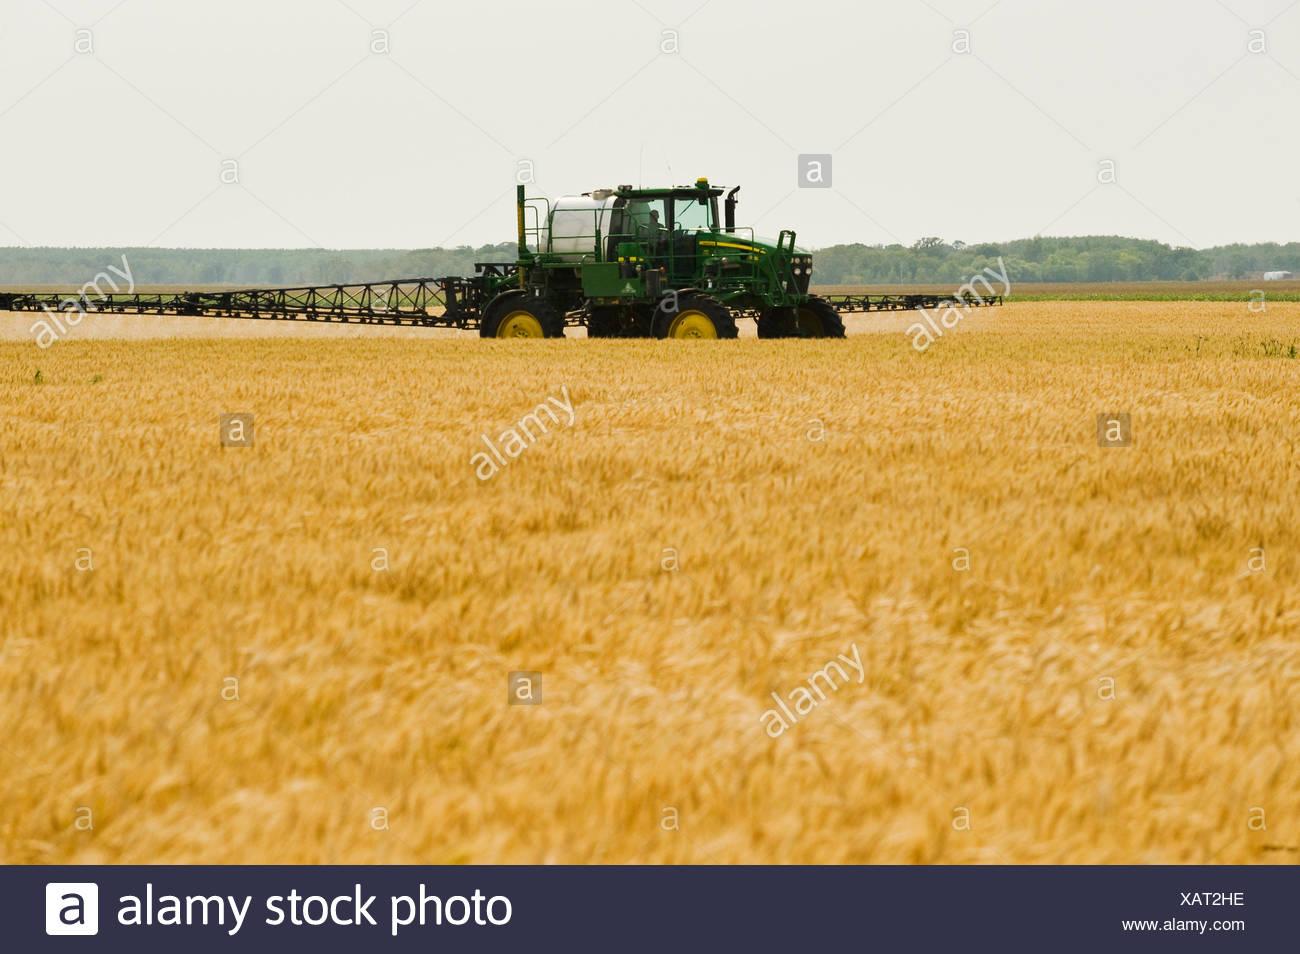 Una pulverizadora de alto despeje proporciona una aplicación de herbicidas químicos para madurar el trigo de invierno, cerca de Carey, Manitoba, Canadá Imagen De Stock